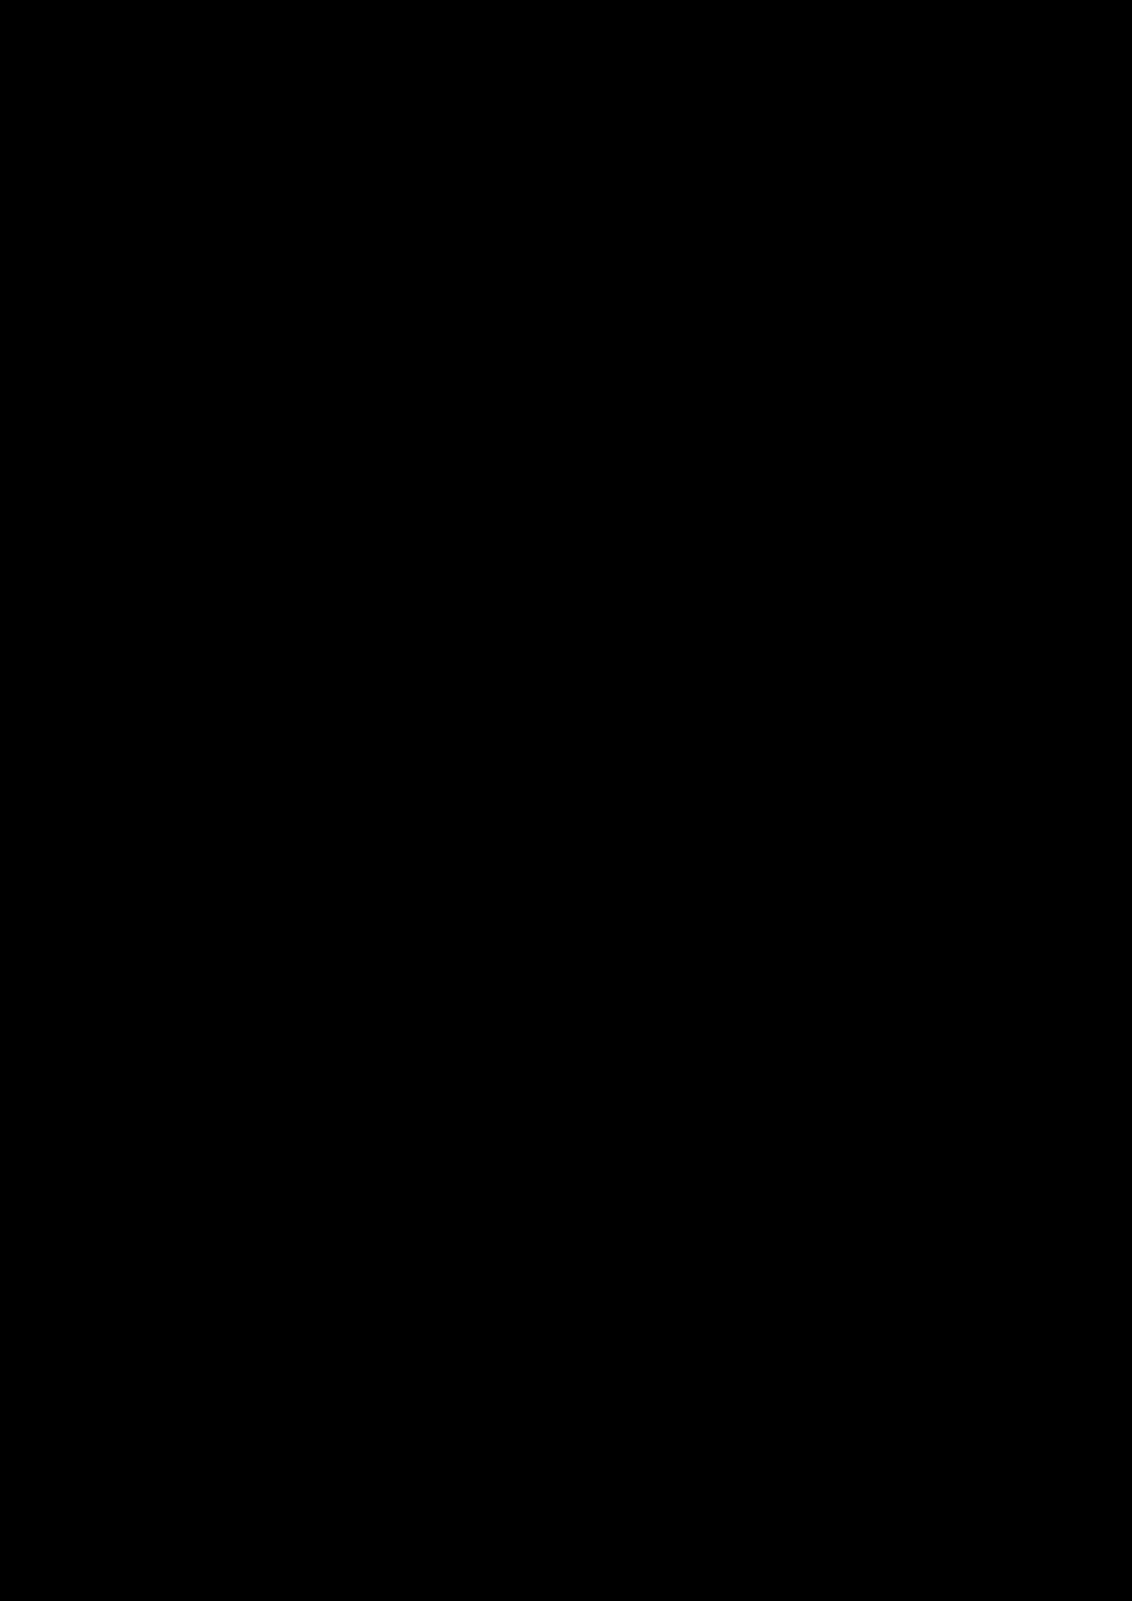 Serdtse slide, Image 34